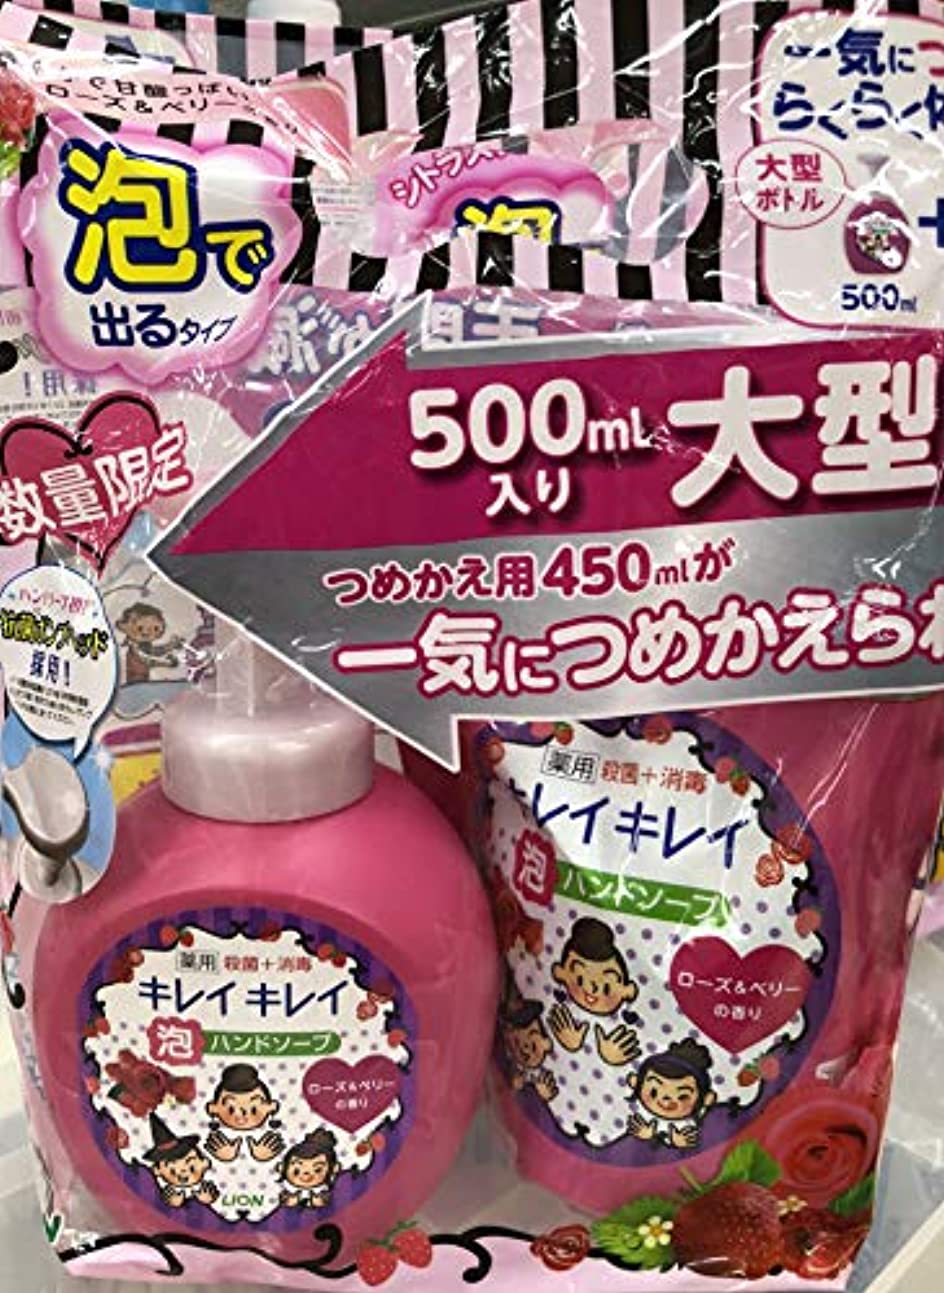 疑い者寛解マラウイライオン キレイキレイ 薬用泡ハンドソープ ローズ & ベリーの香り 本体+つめ替えセット 500g+450g